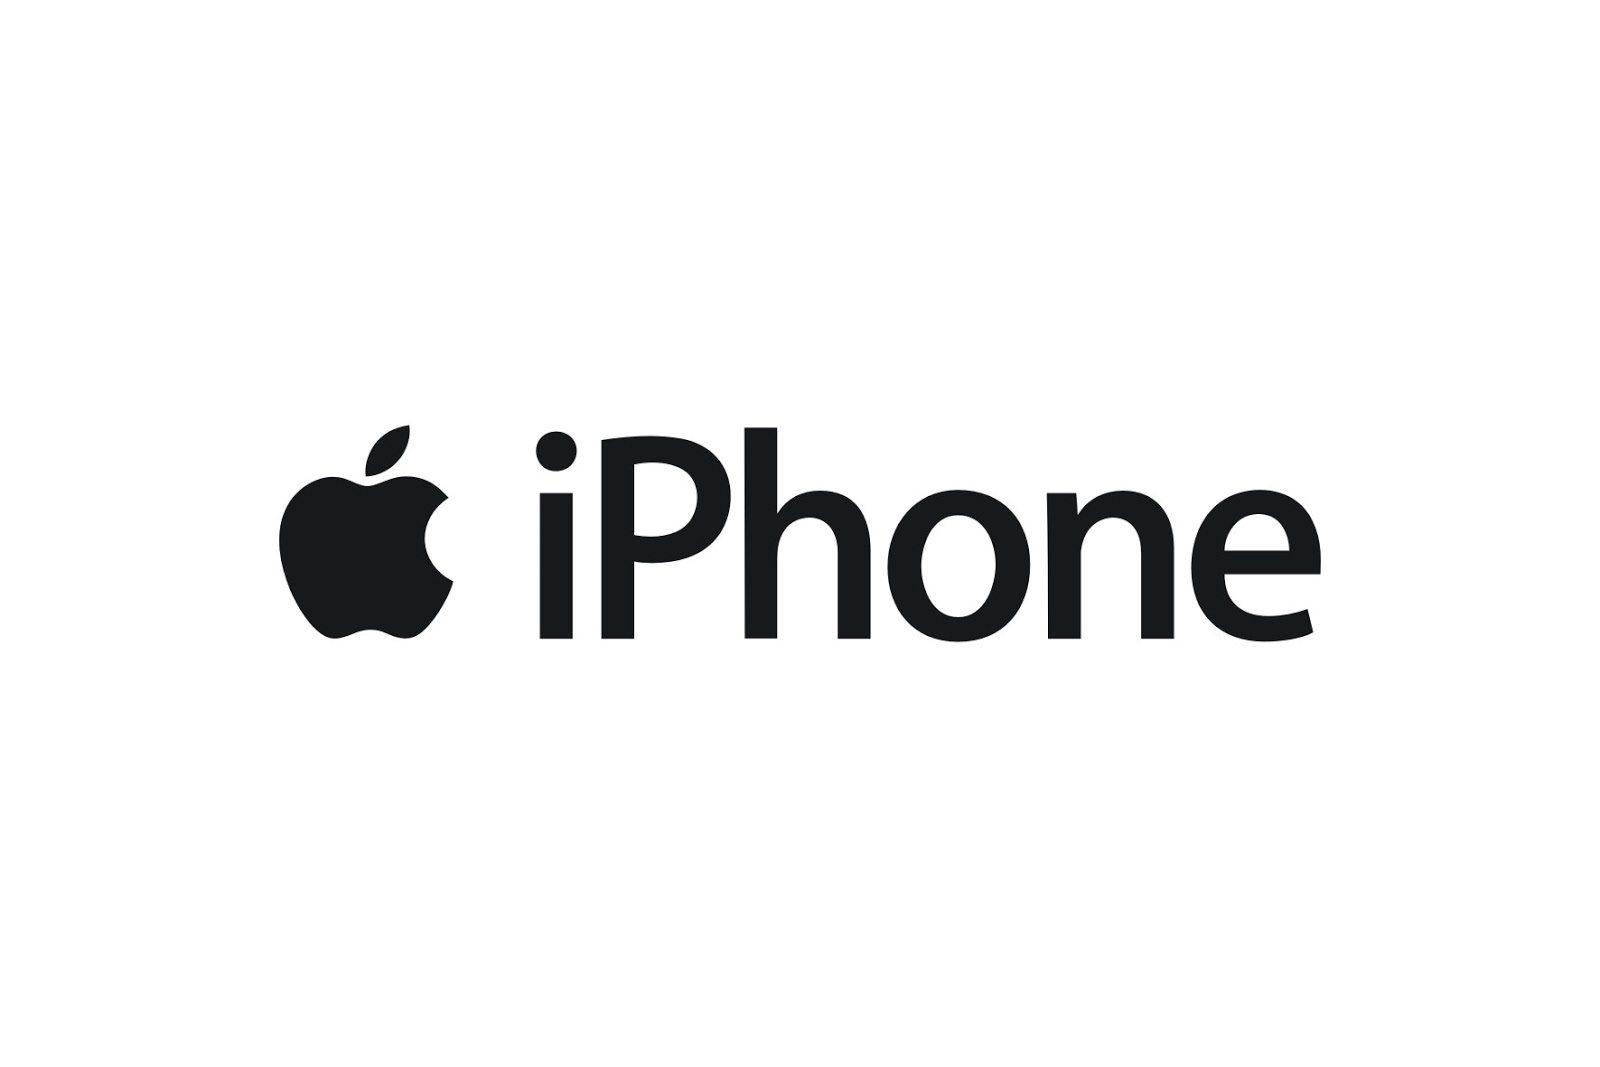 Resultado de imagen para iPhone logo